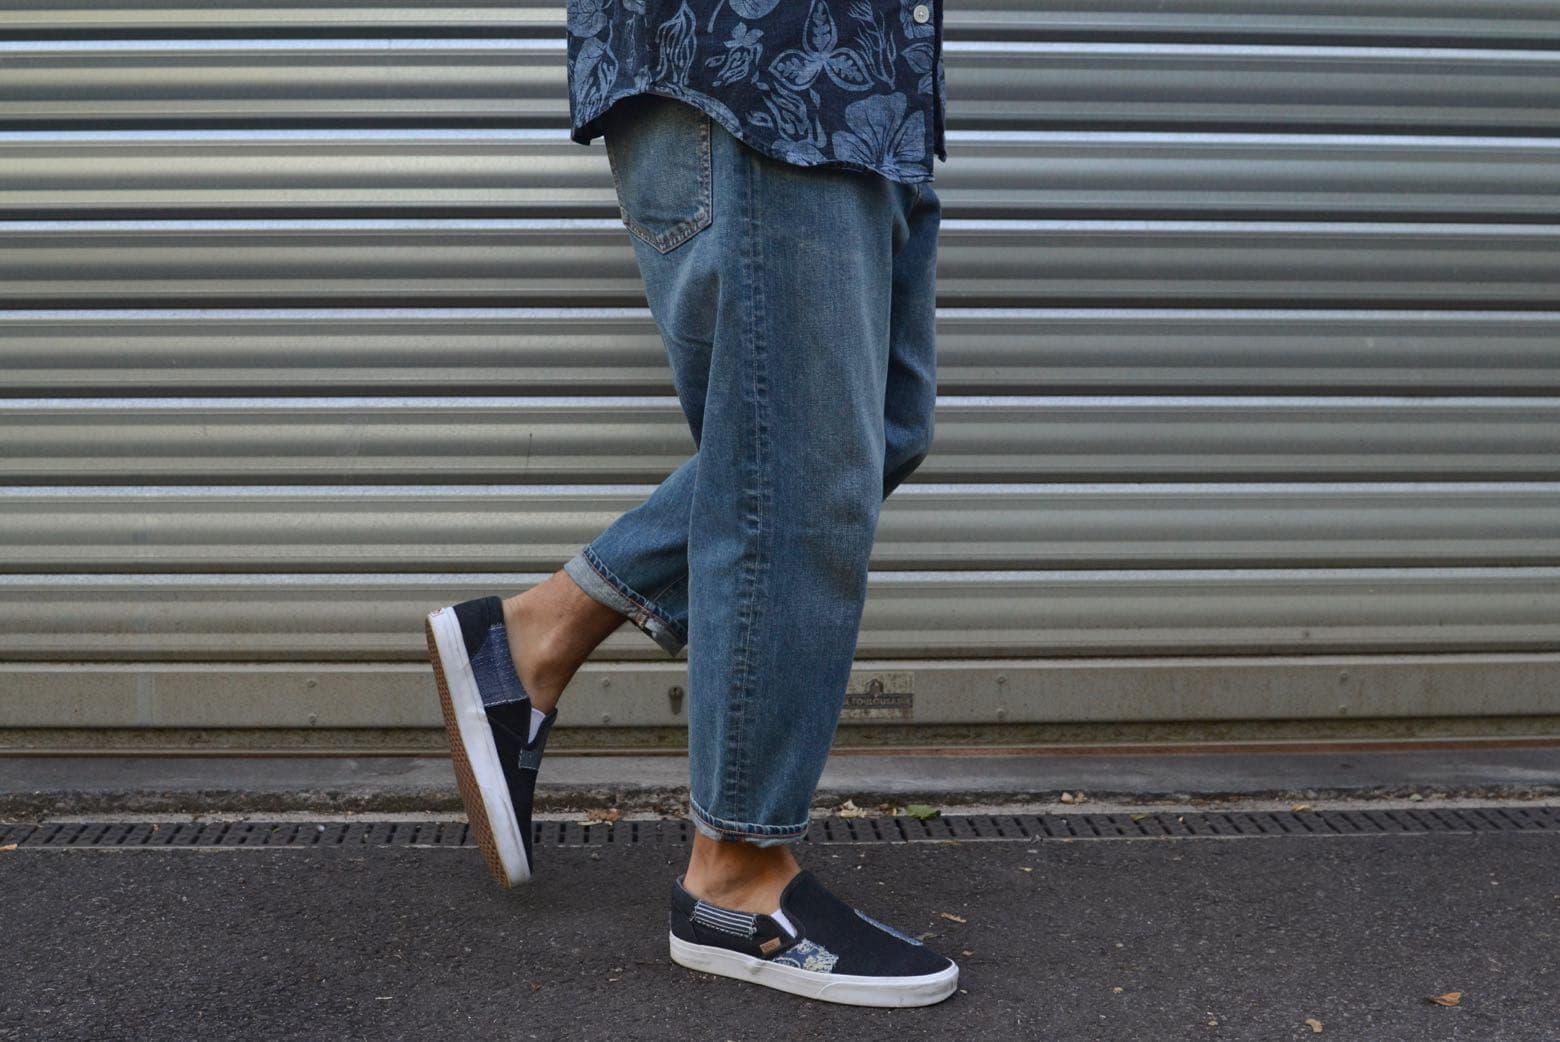 comment porter des vans slip-on dans un style homme denim jean bleach coupe tapered l'été